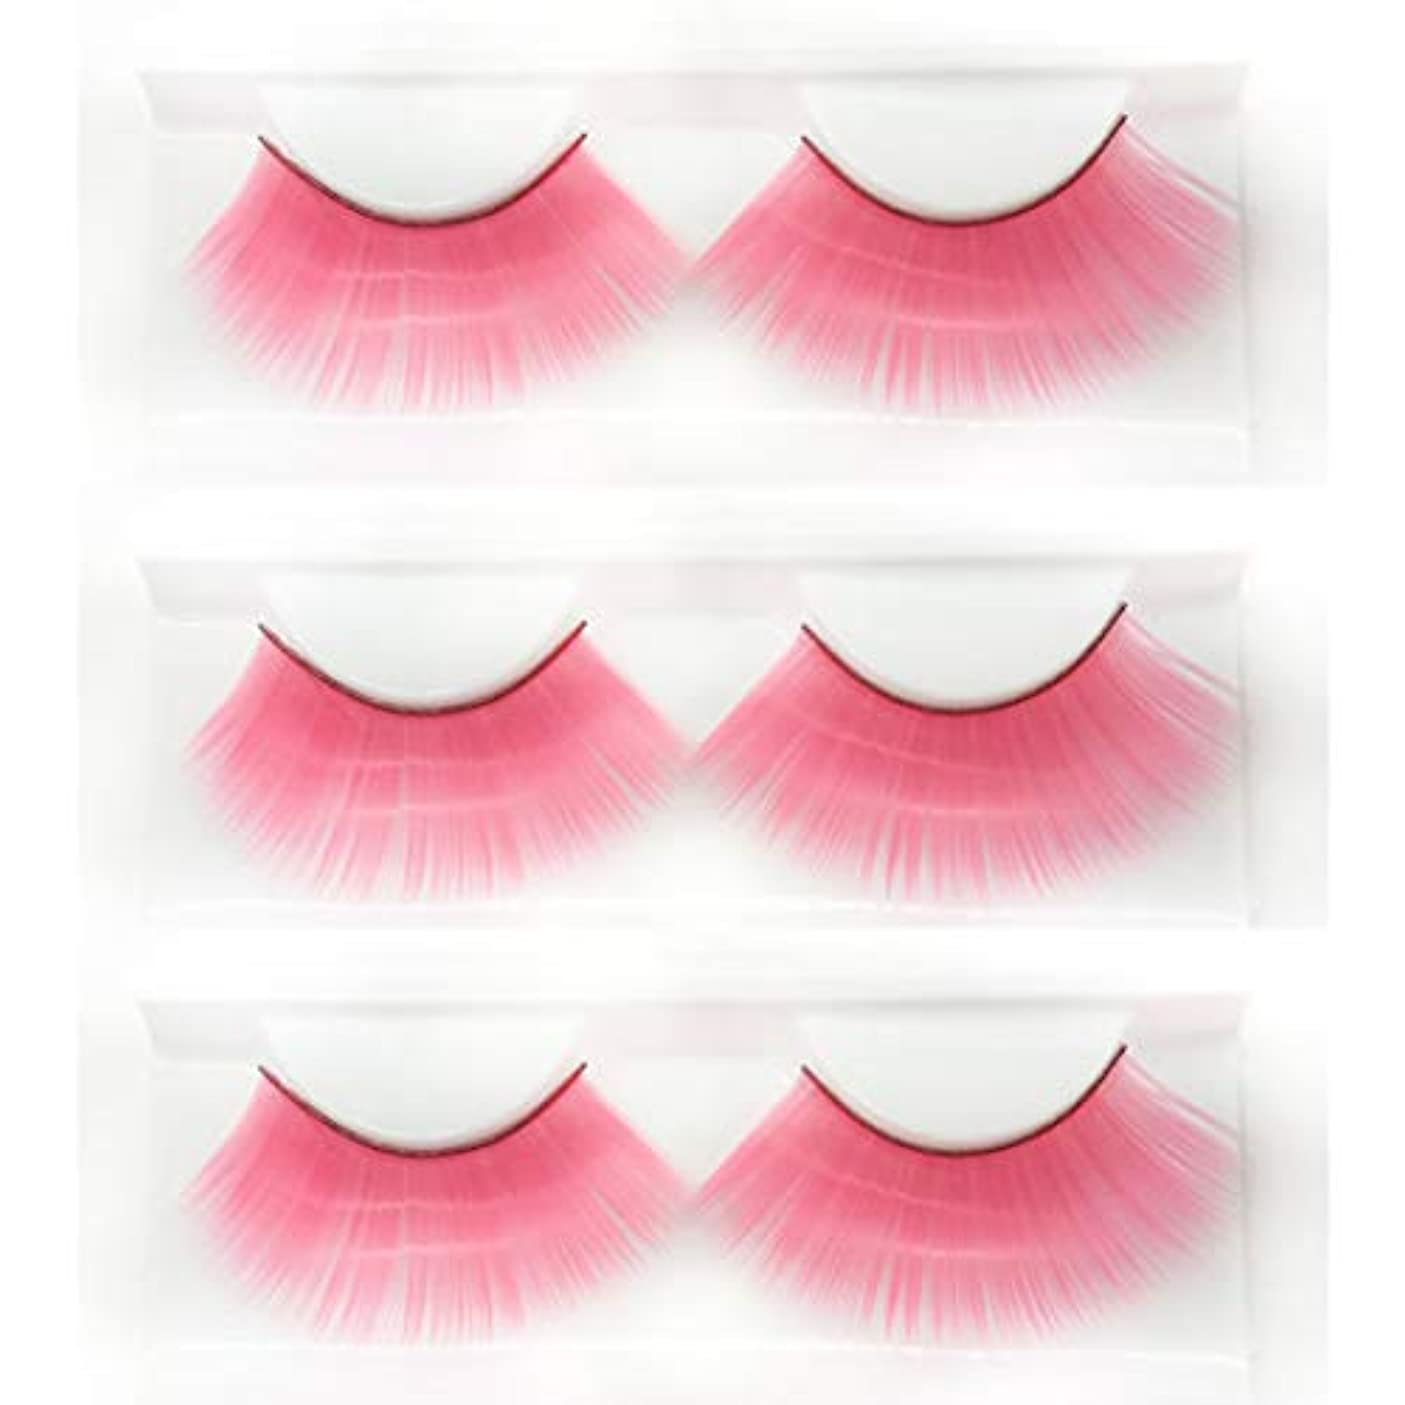 ロールプレイの仮面舞踏会に適した、ピンクの長い太いつけまつげ、斬新なファッションの豪華な誇張されたスタイルの3組、再利用可能